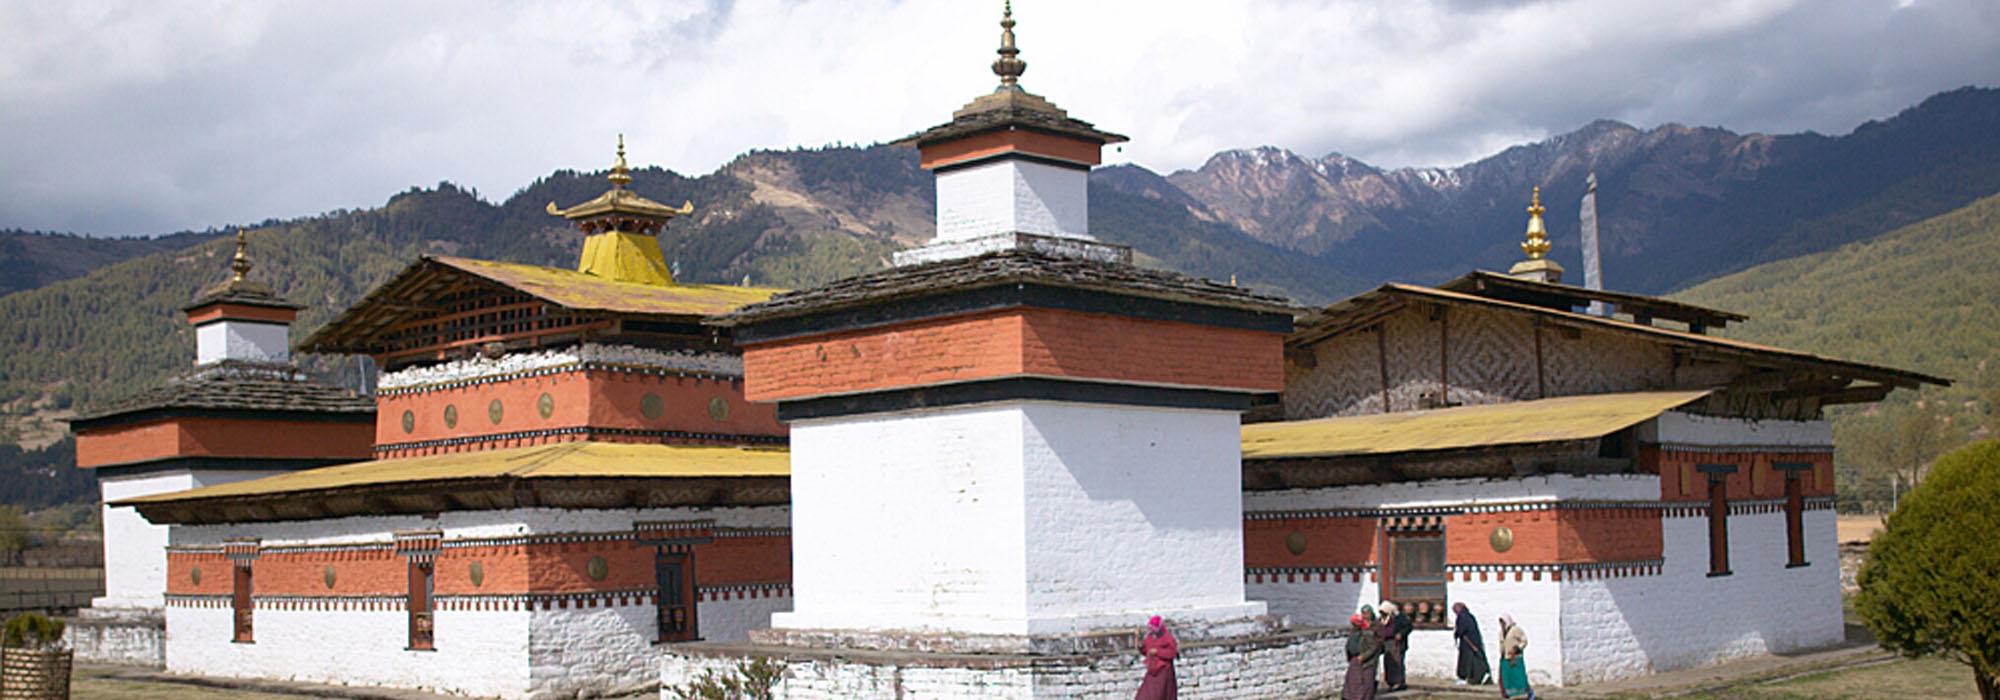 Jambay Lhakhang Drup